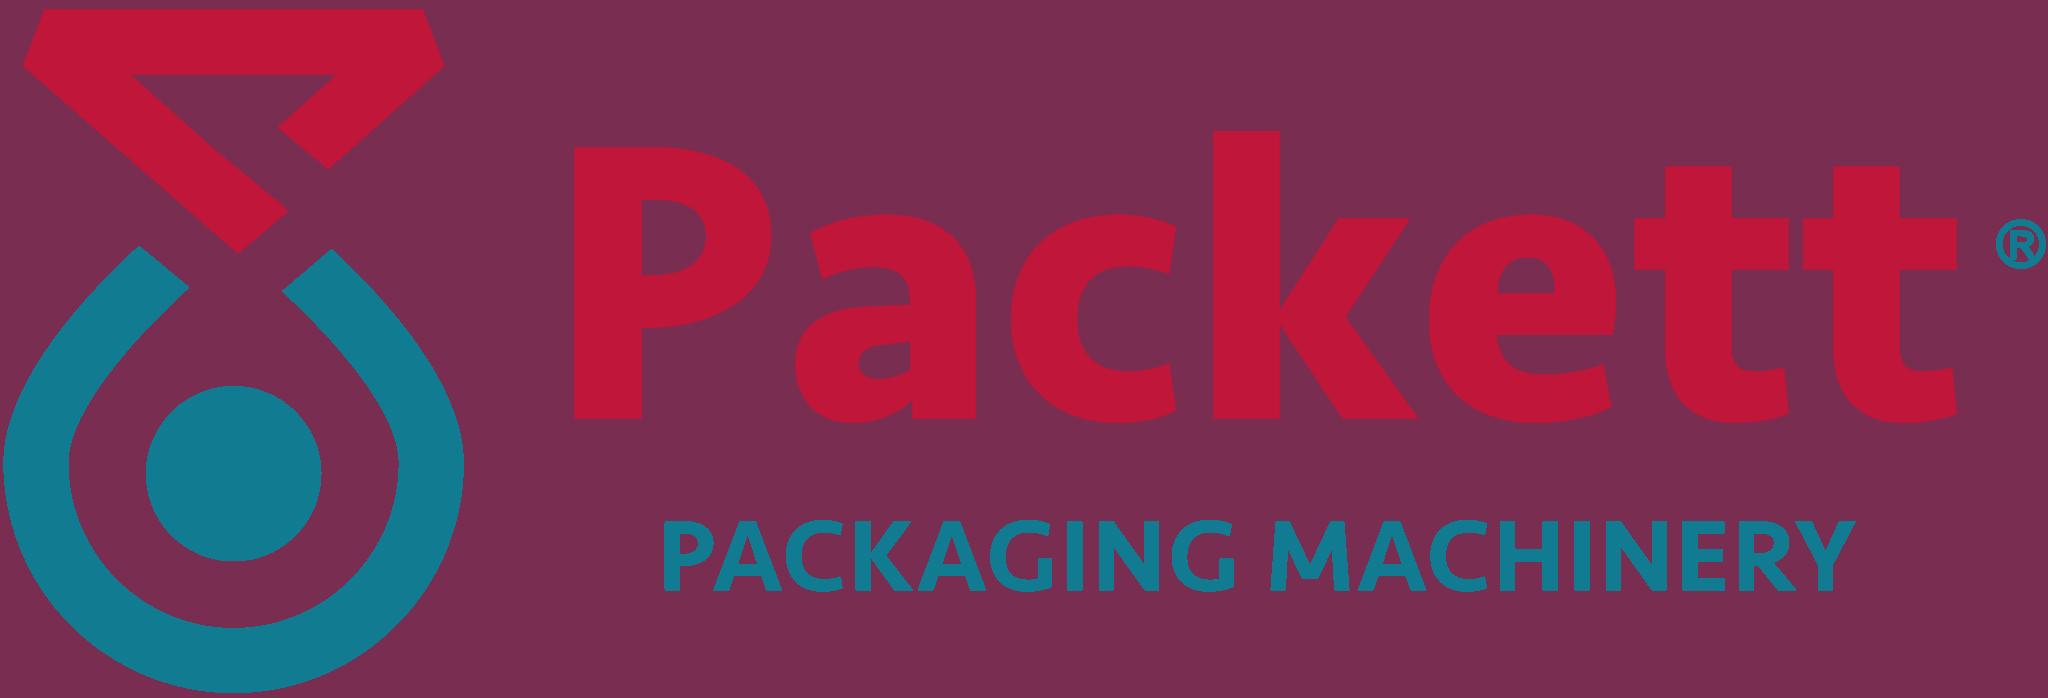 Packett